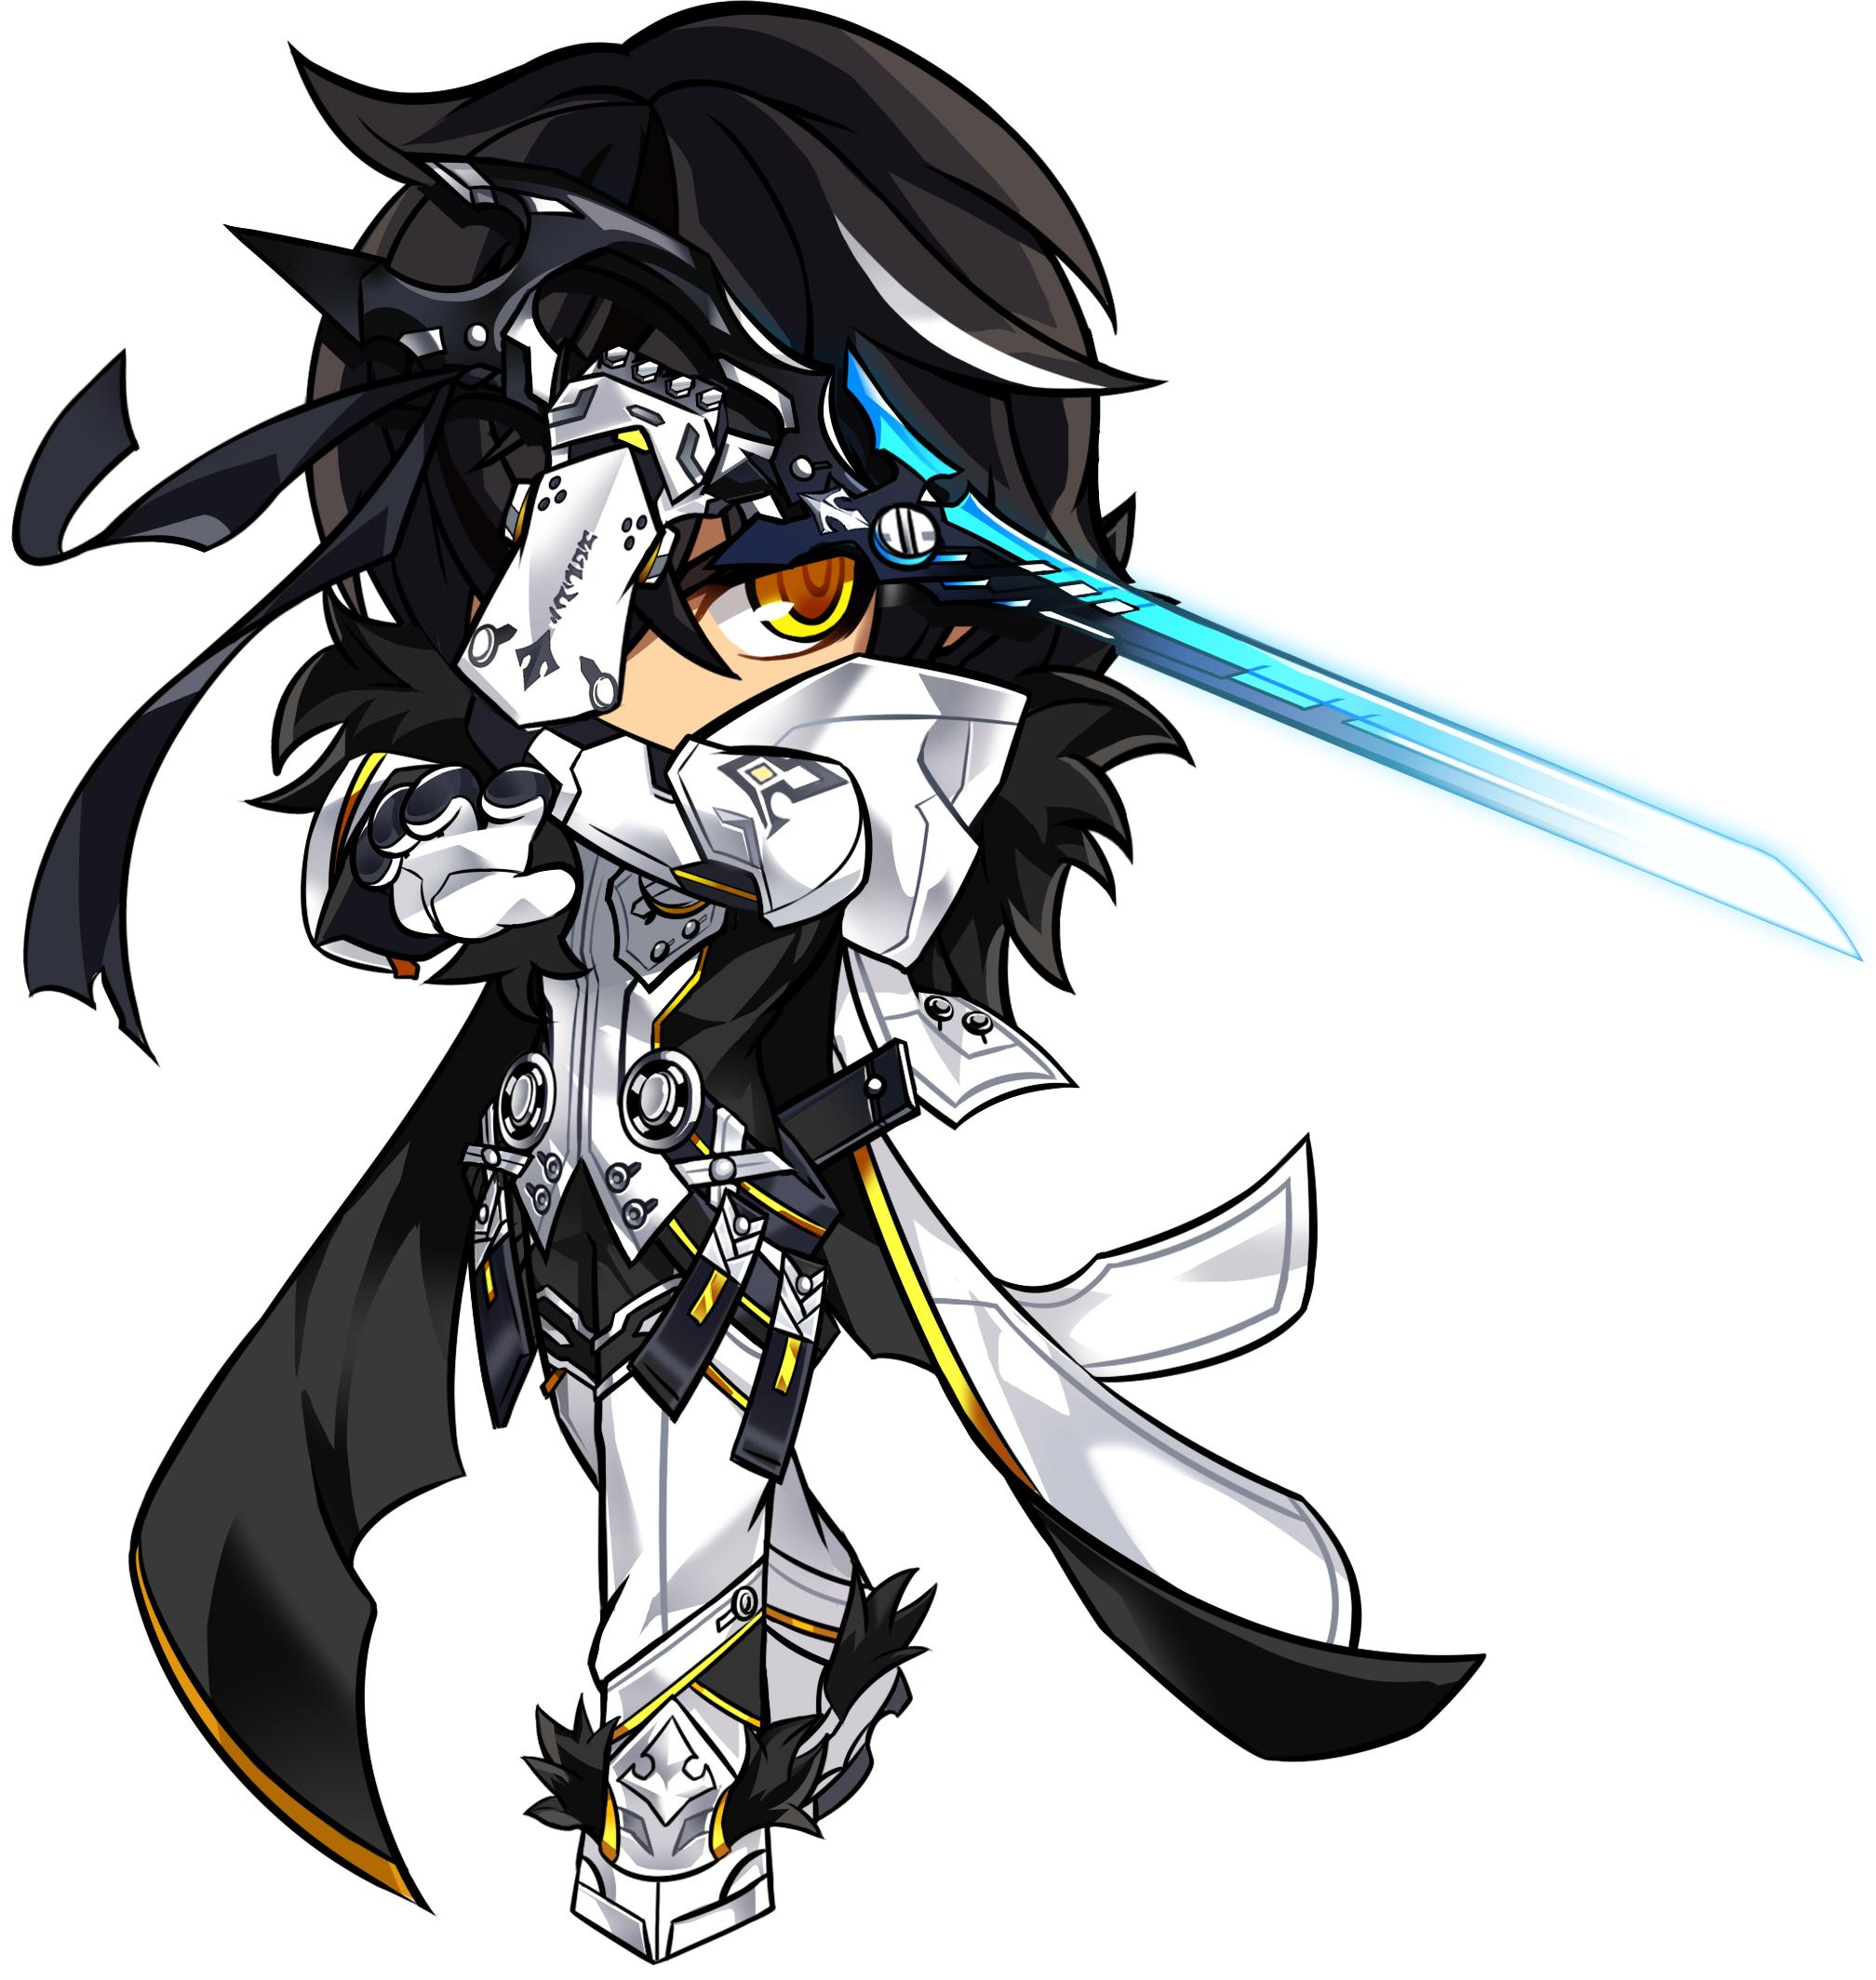 Furious Blade Chibi Elsword, Arte de anime, Arte